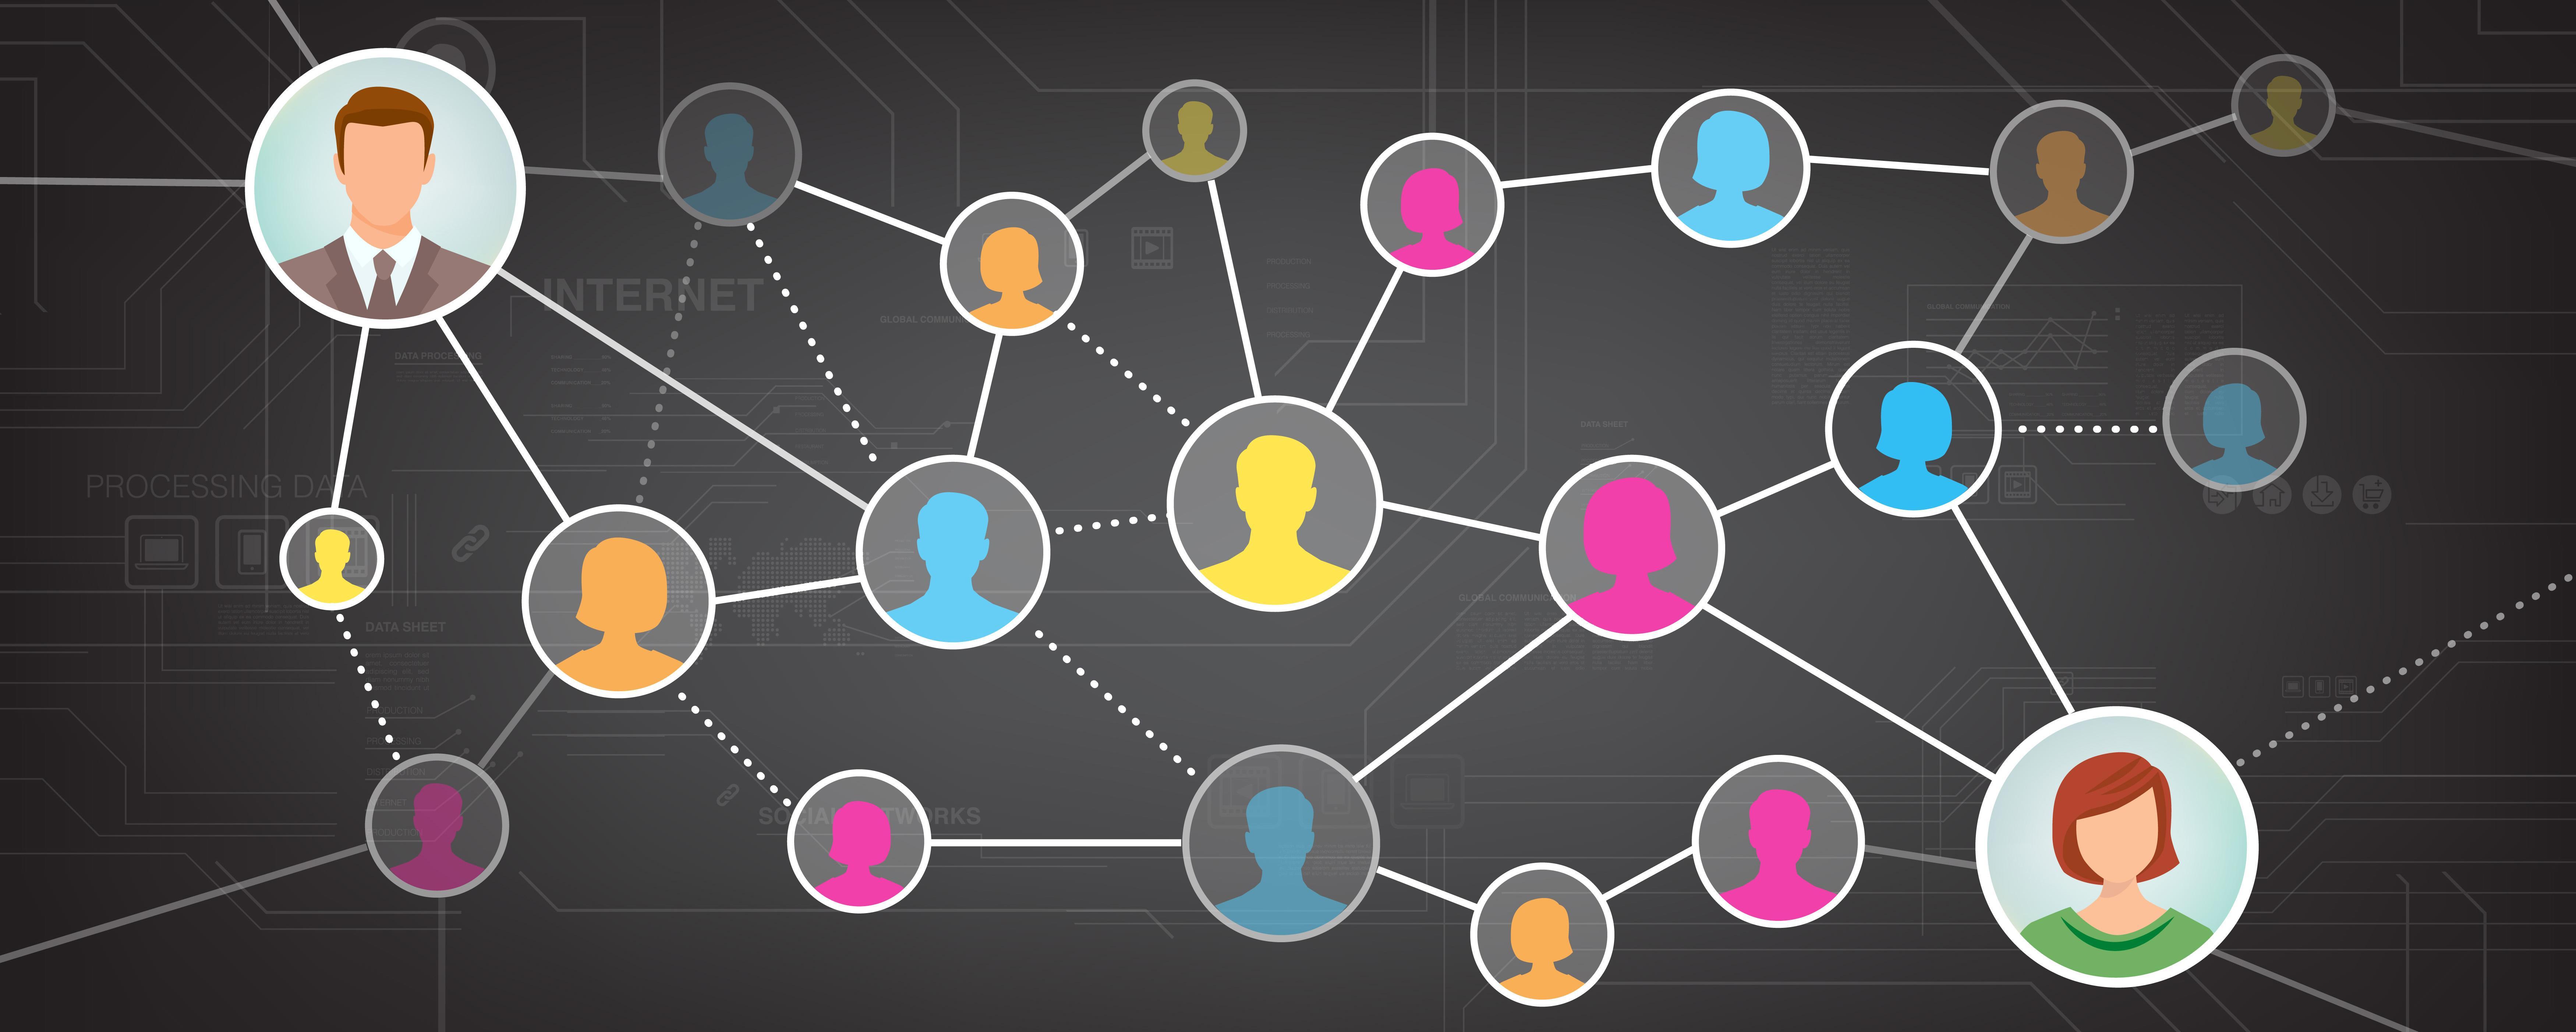 Activer son réseau pour trouver du travail ?